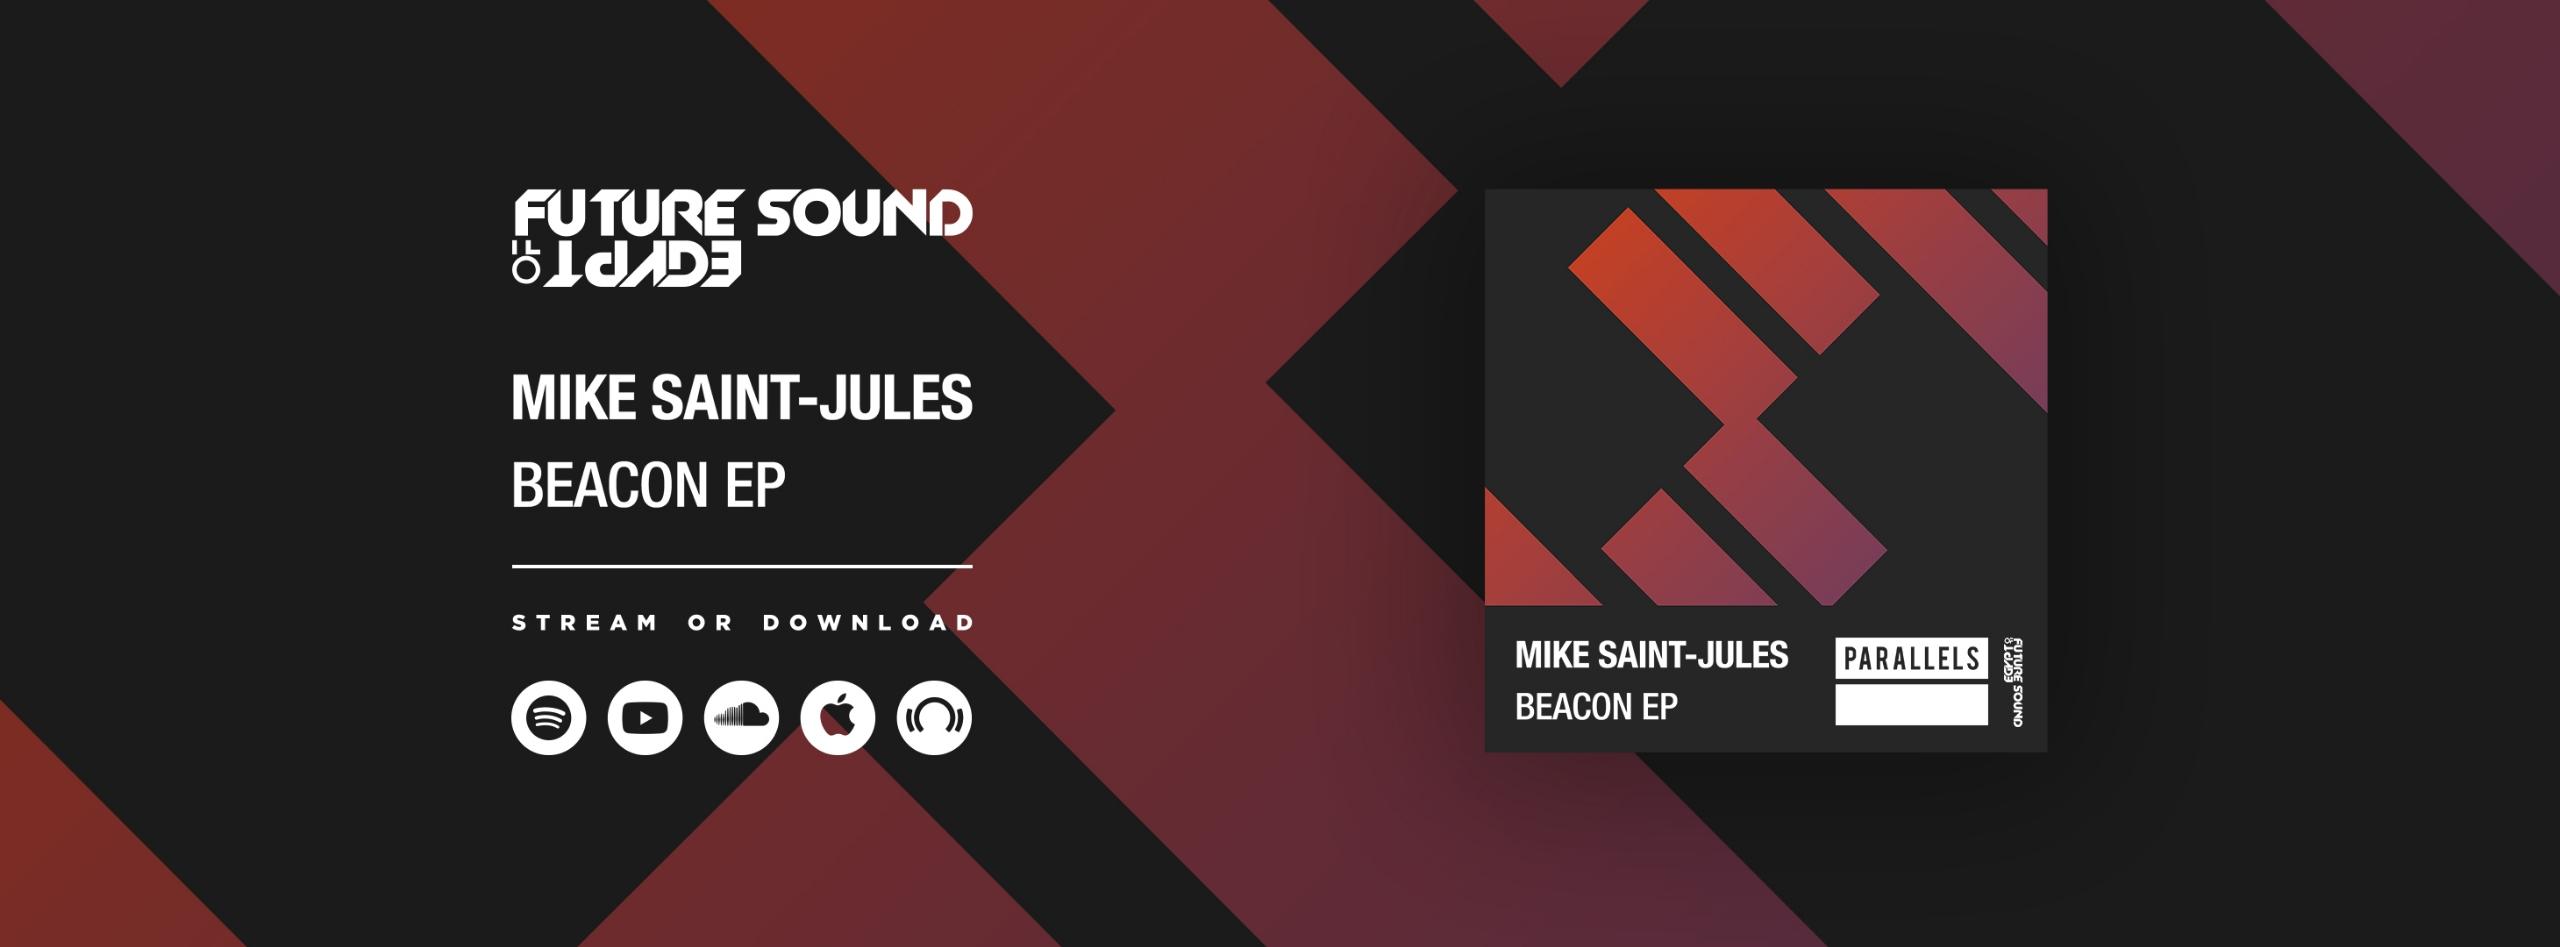 MlKE SAlNT-JULES (@mikesaintjulesoff) Cover Image